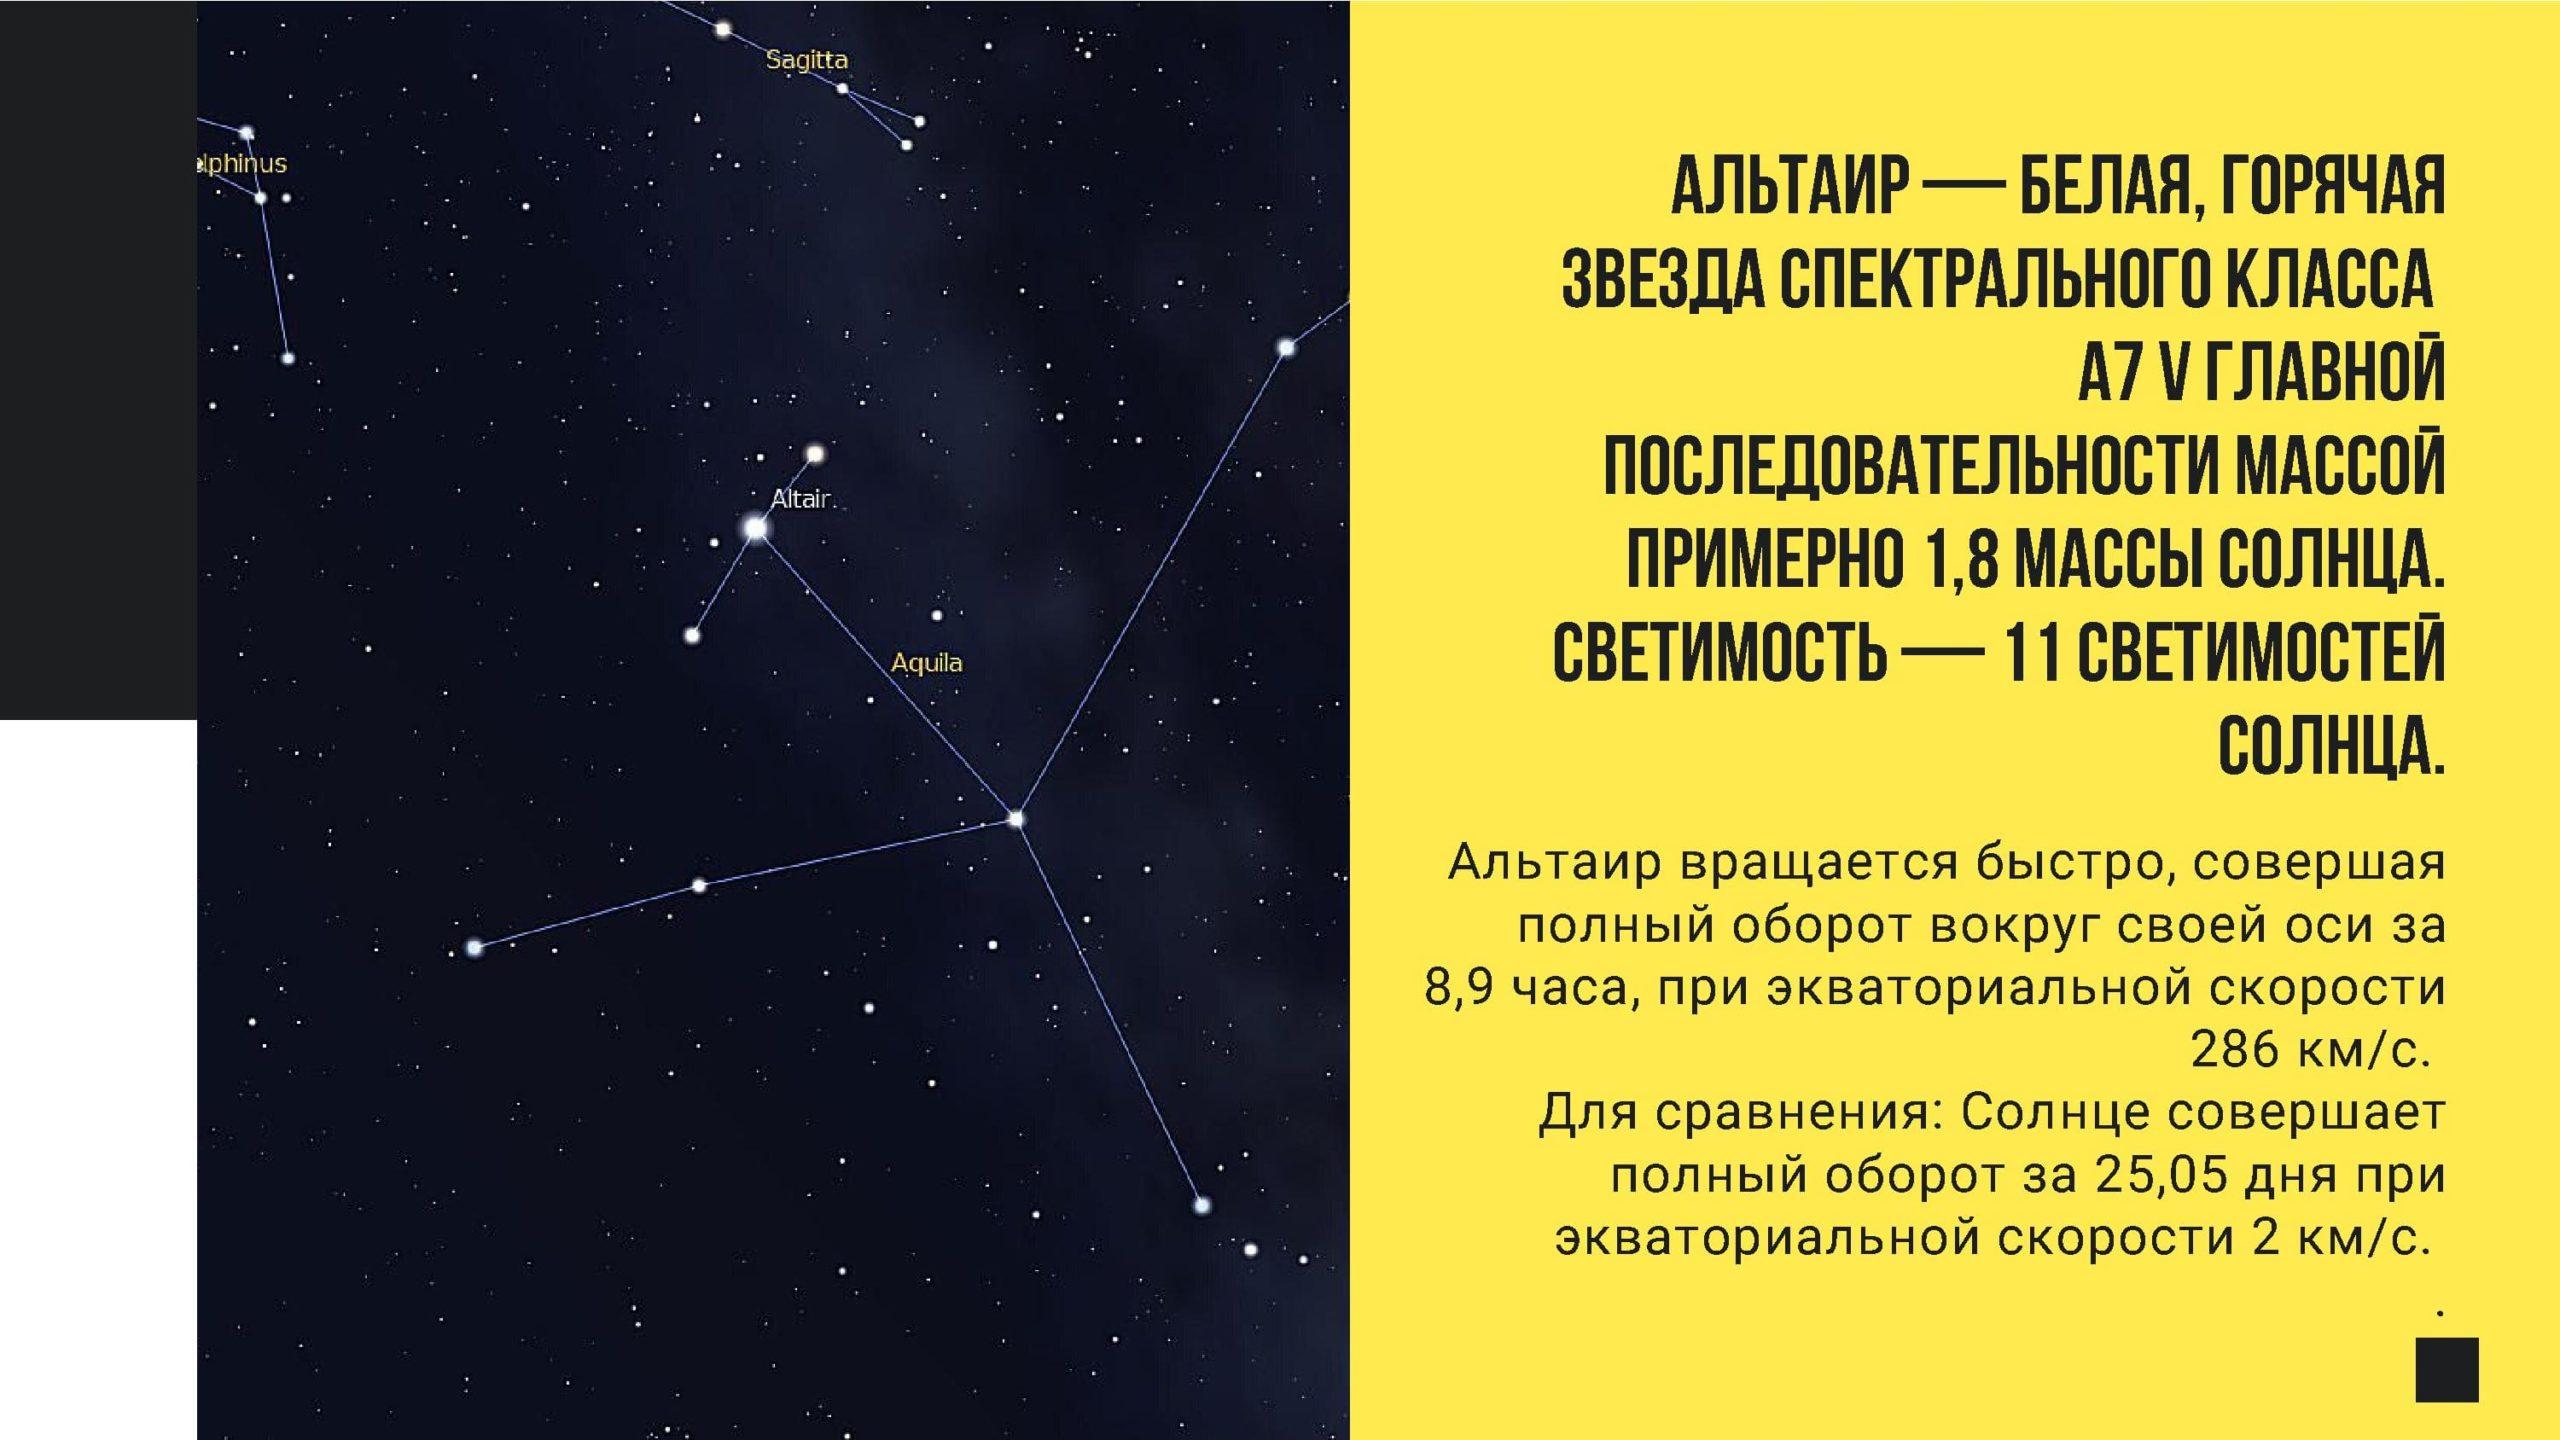 Альтаир - белая, горячая звезда спектрального класса А7 V главной